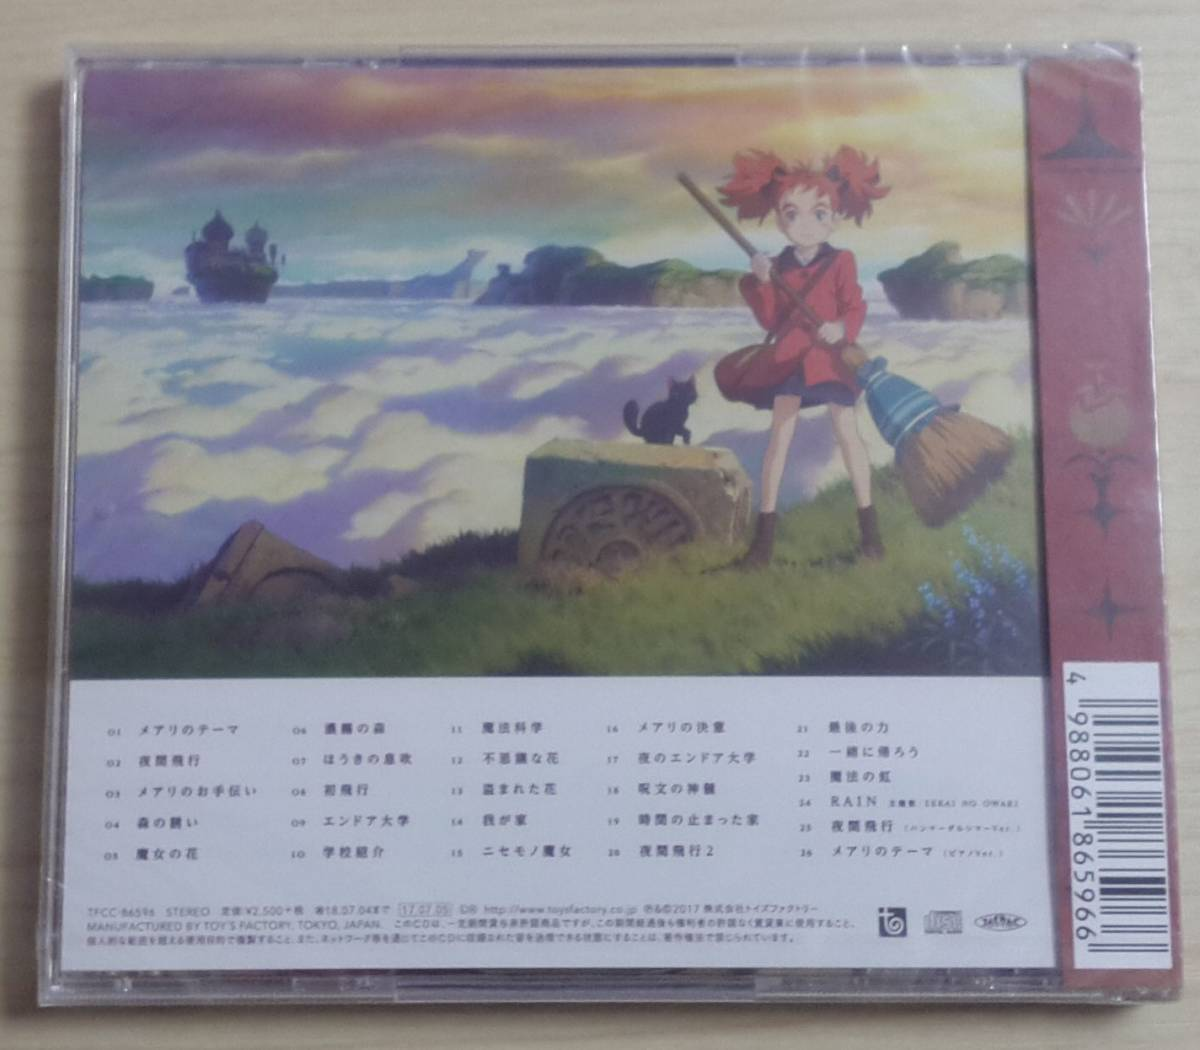 メアリと魔女の花 オリジナル・サウンドトラック[CD]《新品未開封品》_画像2